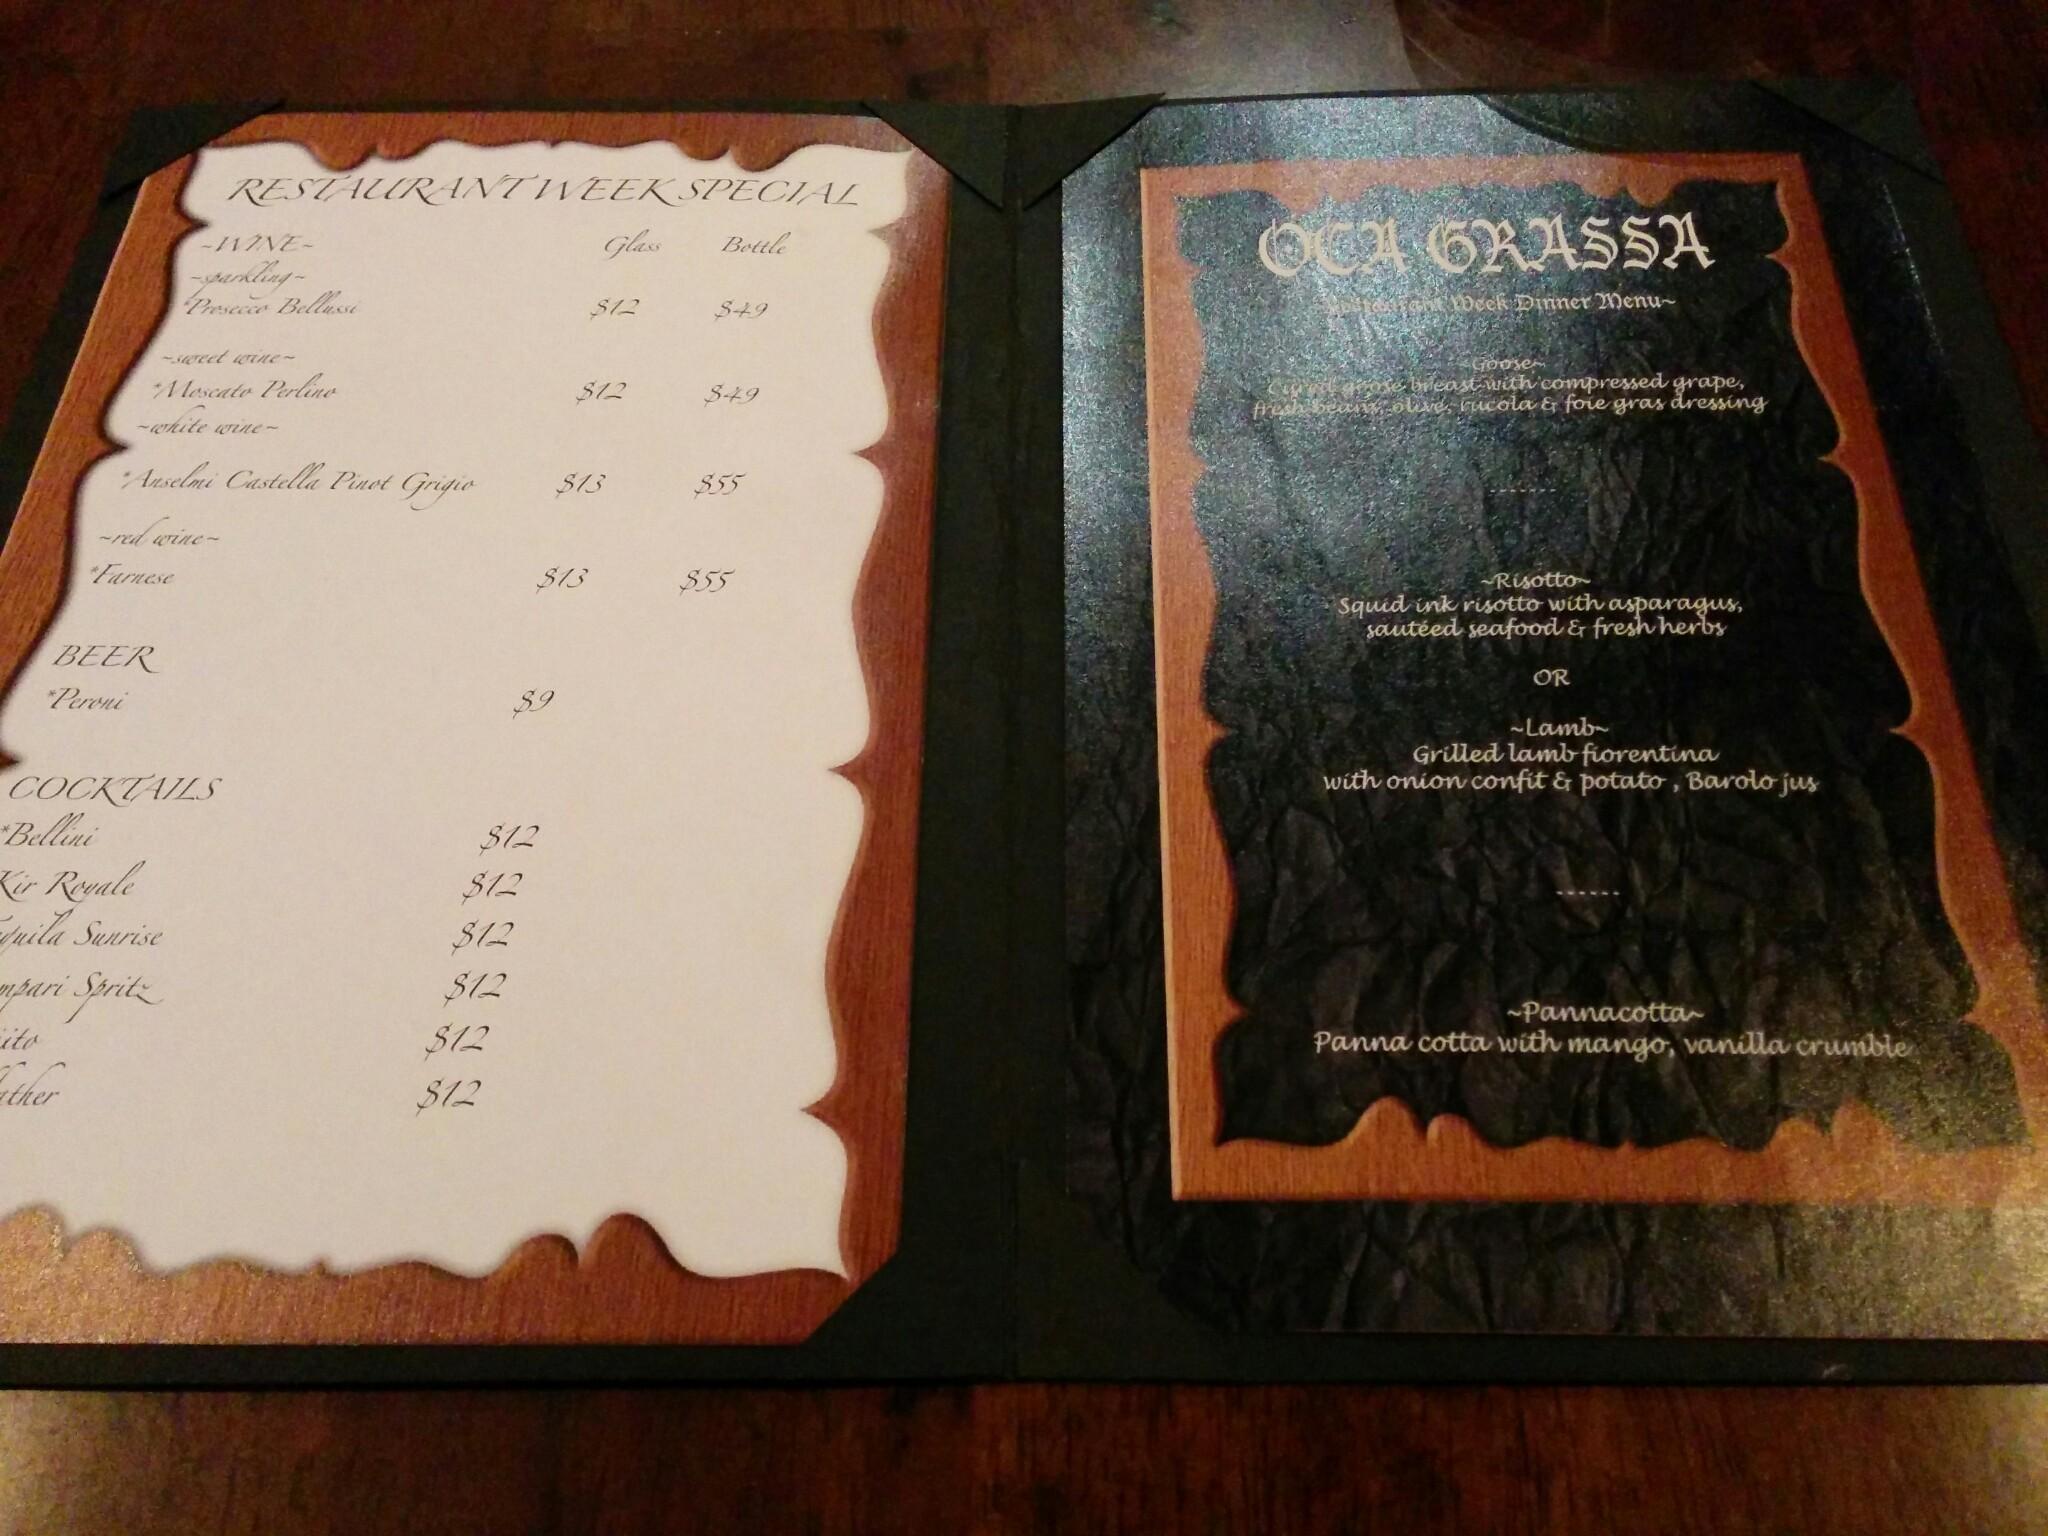 Oca Grassa menu